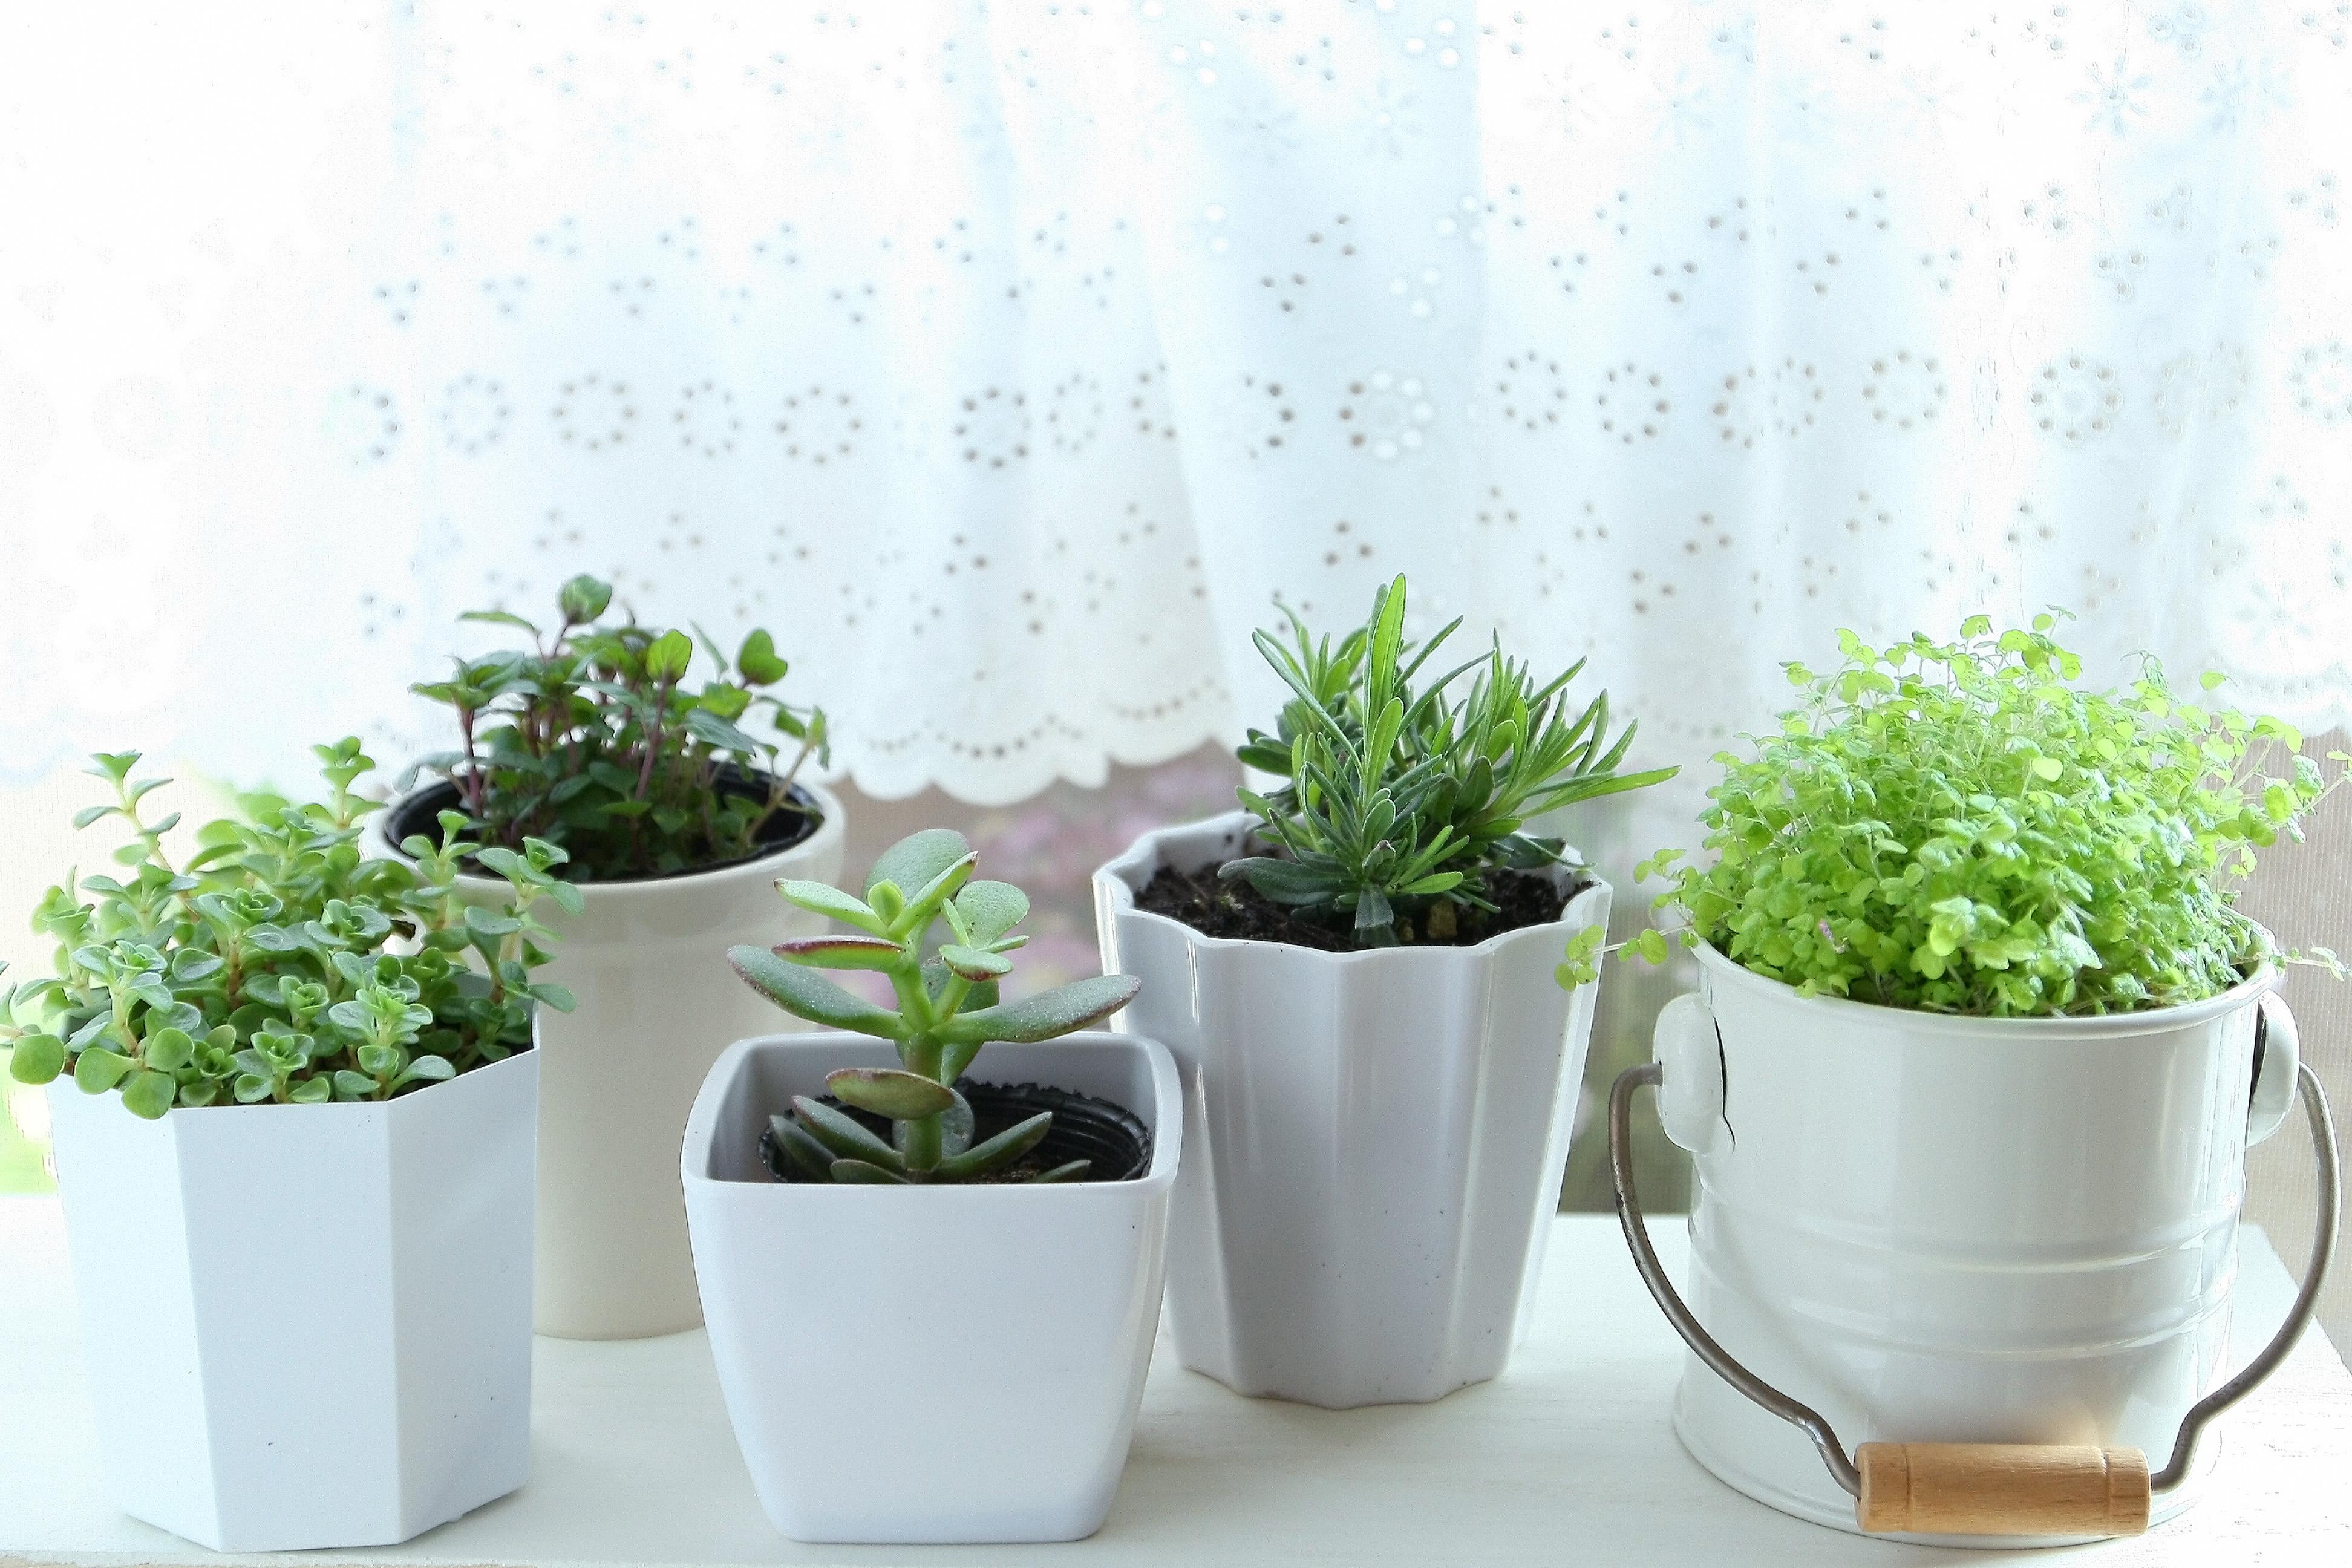 フェイクグリーンのおすすめ4選!お手入れなしの観葉植物